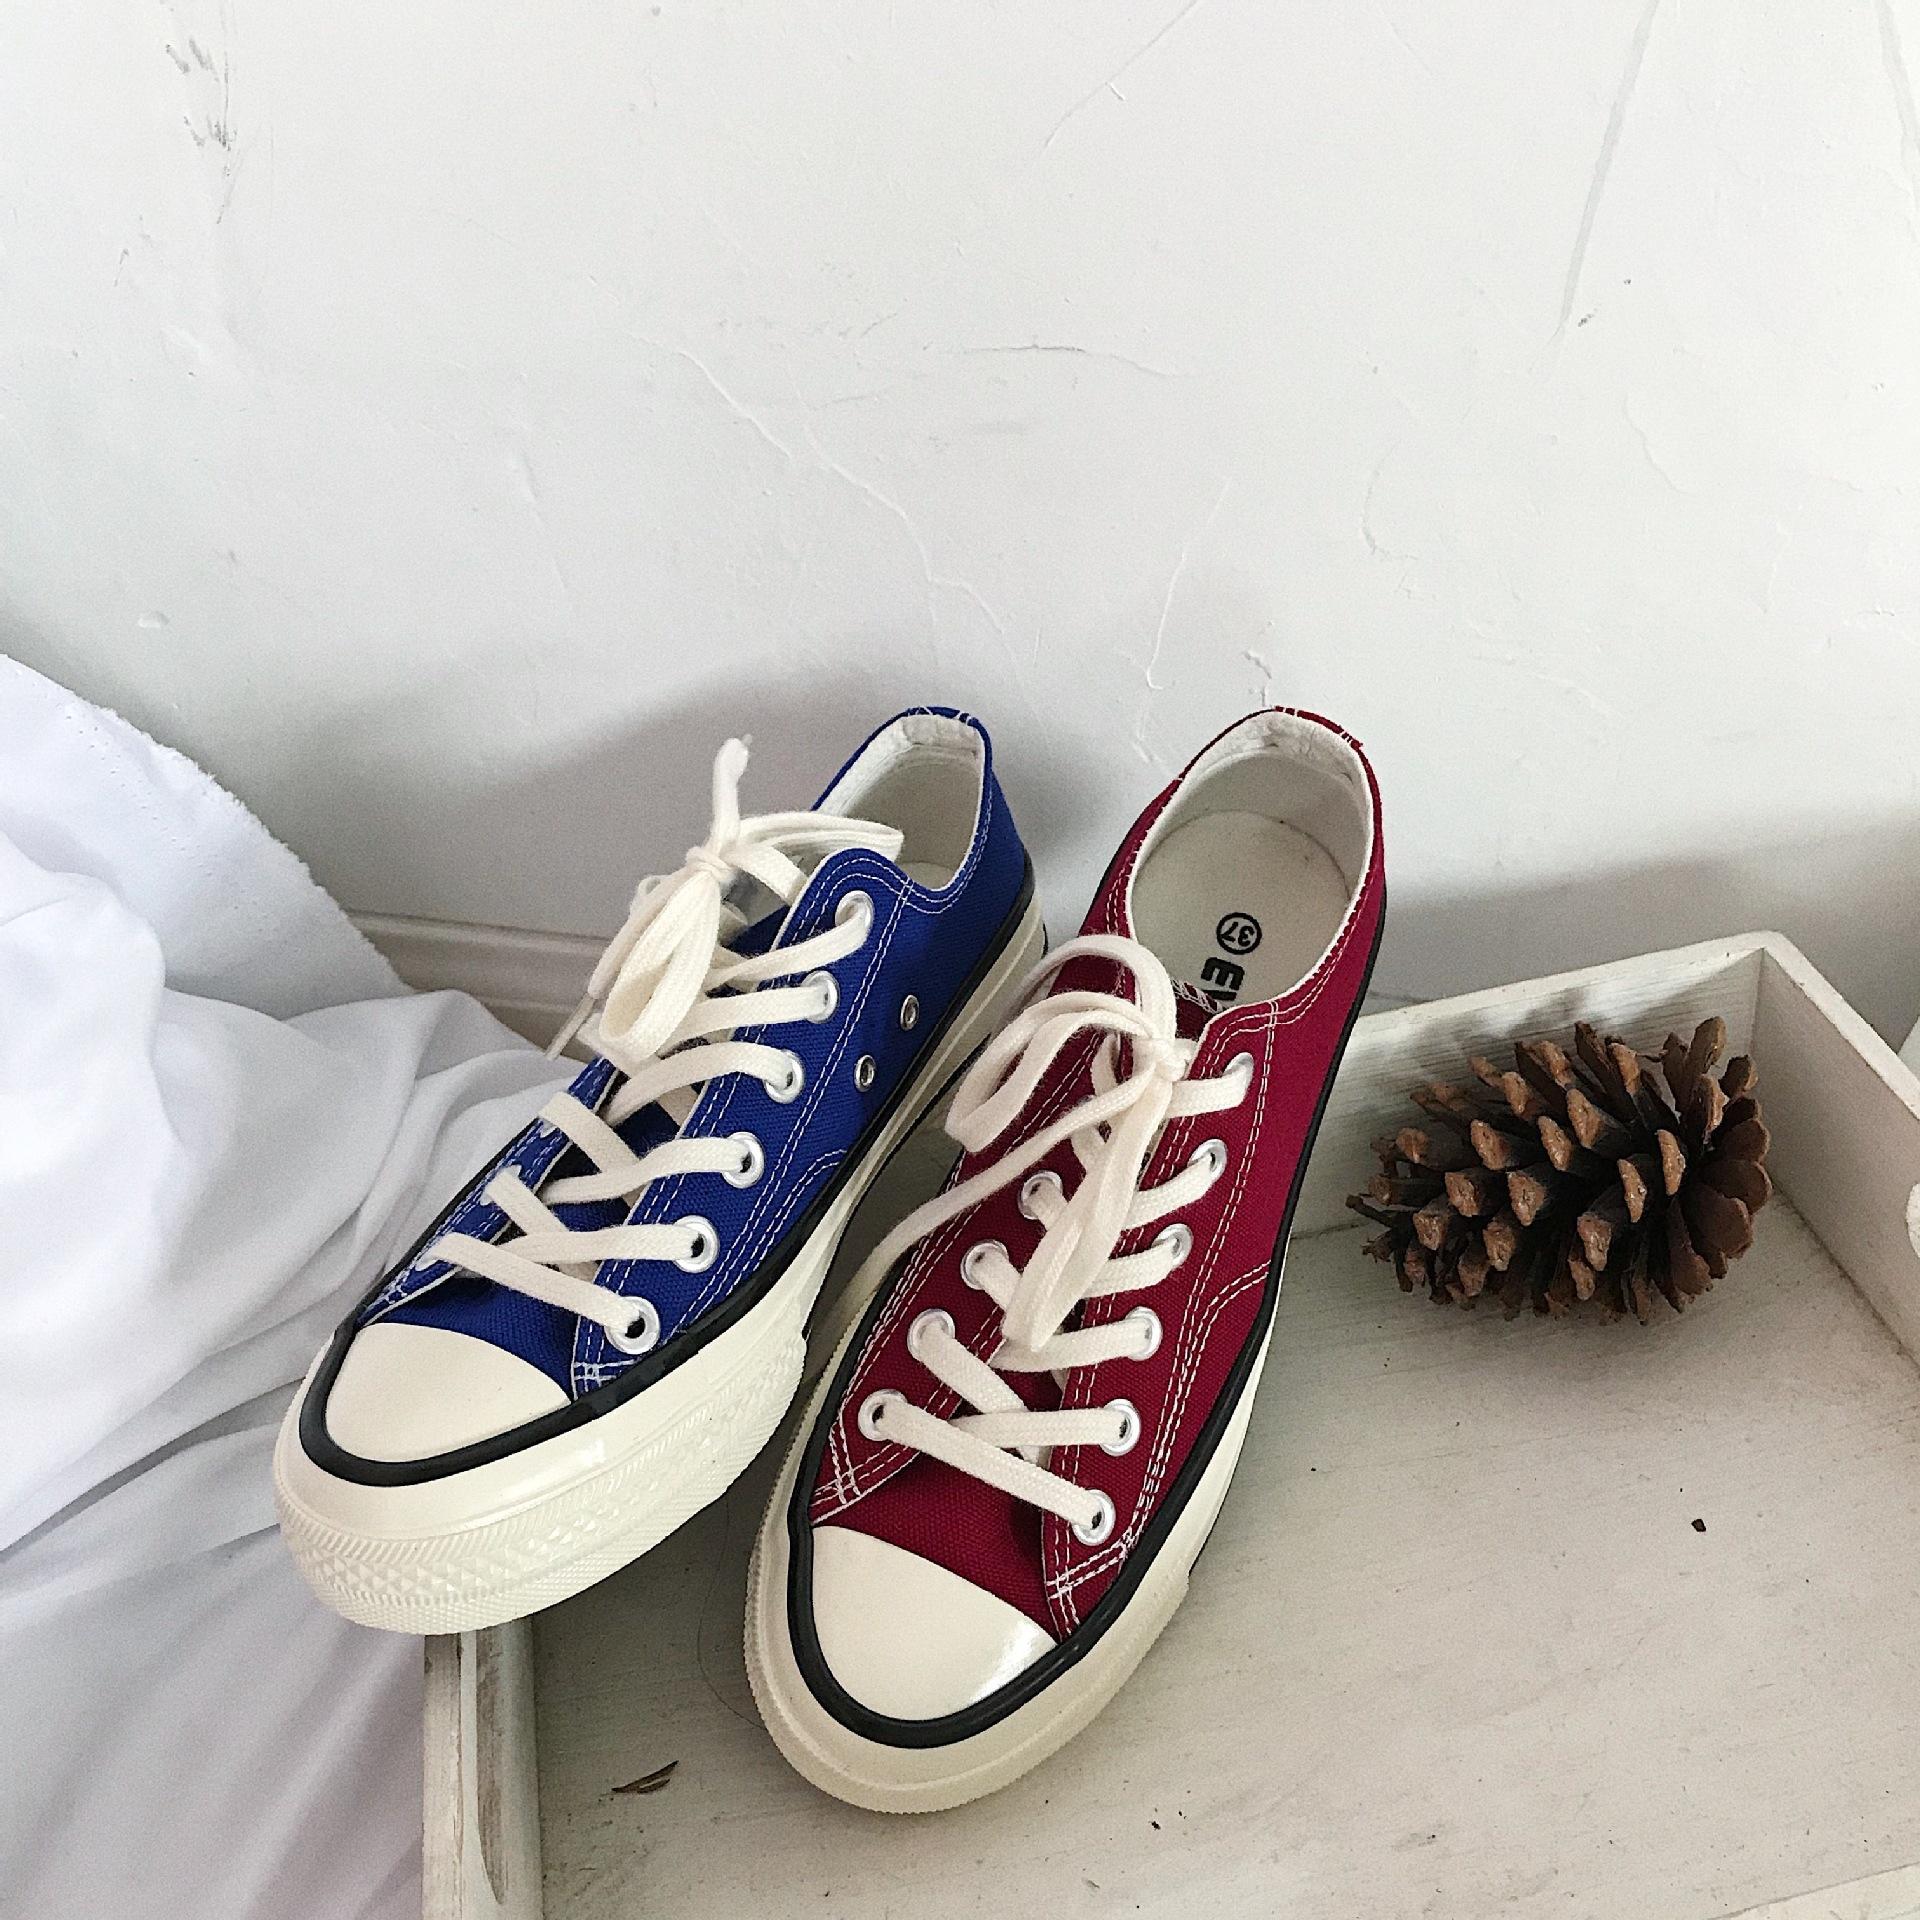 zkmq 2016 outono inferior 34-43 mulheres botas tamanho de inverno moda plana nova botas sobre o joelho alta perna camurça mulheres botas longas